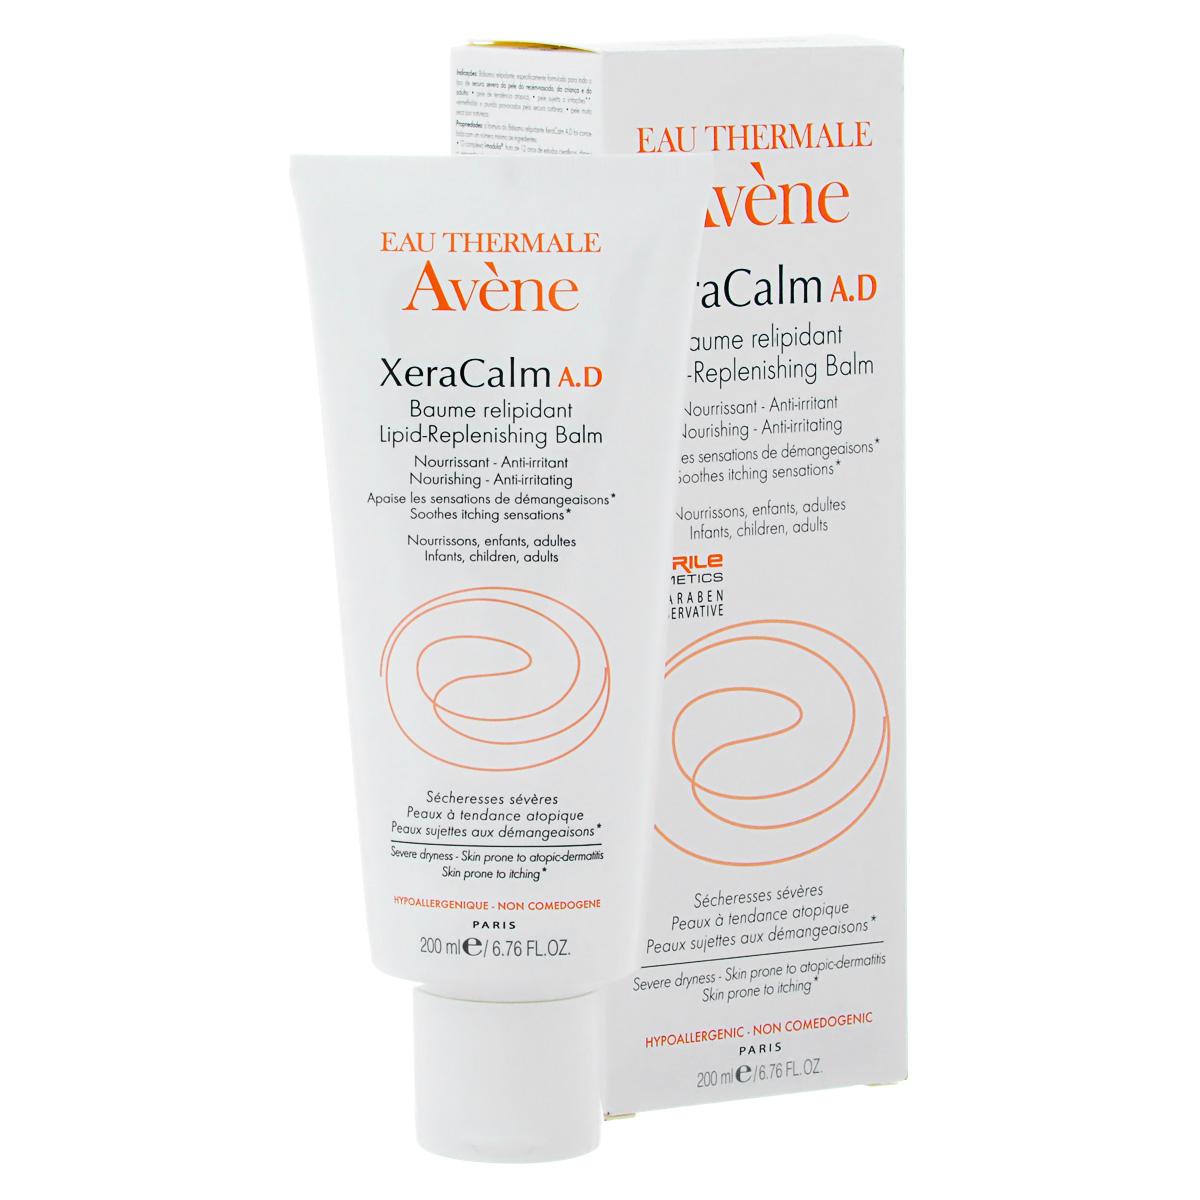 Avene Бальзам липидо-восполняющий Xeracalm A.D. для лица и тела200 млC44895Бальзам липидо-восполняющий питает очень сухую кожу, снимает раздражение и воспаление. Уменьшает зуд, вызванный сухостью, и восстанавливает гидролипидный барьер. Инновационная запатентованная биотехнологичная формула - I-modulia® Оказывает направленное мощное воздействие: - снимает зуд - снимает воспаление - повышает естественный иммунитет кожи - Смягчает, восстанавливает гидролипидный барьер При атопическом дерматите и выраженной сухости кожи. Эффективен уже с 1-го месяца применения.